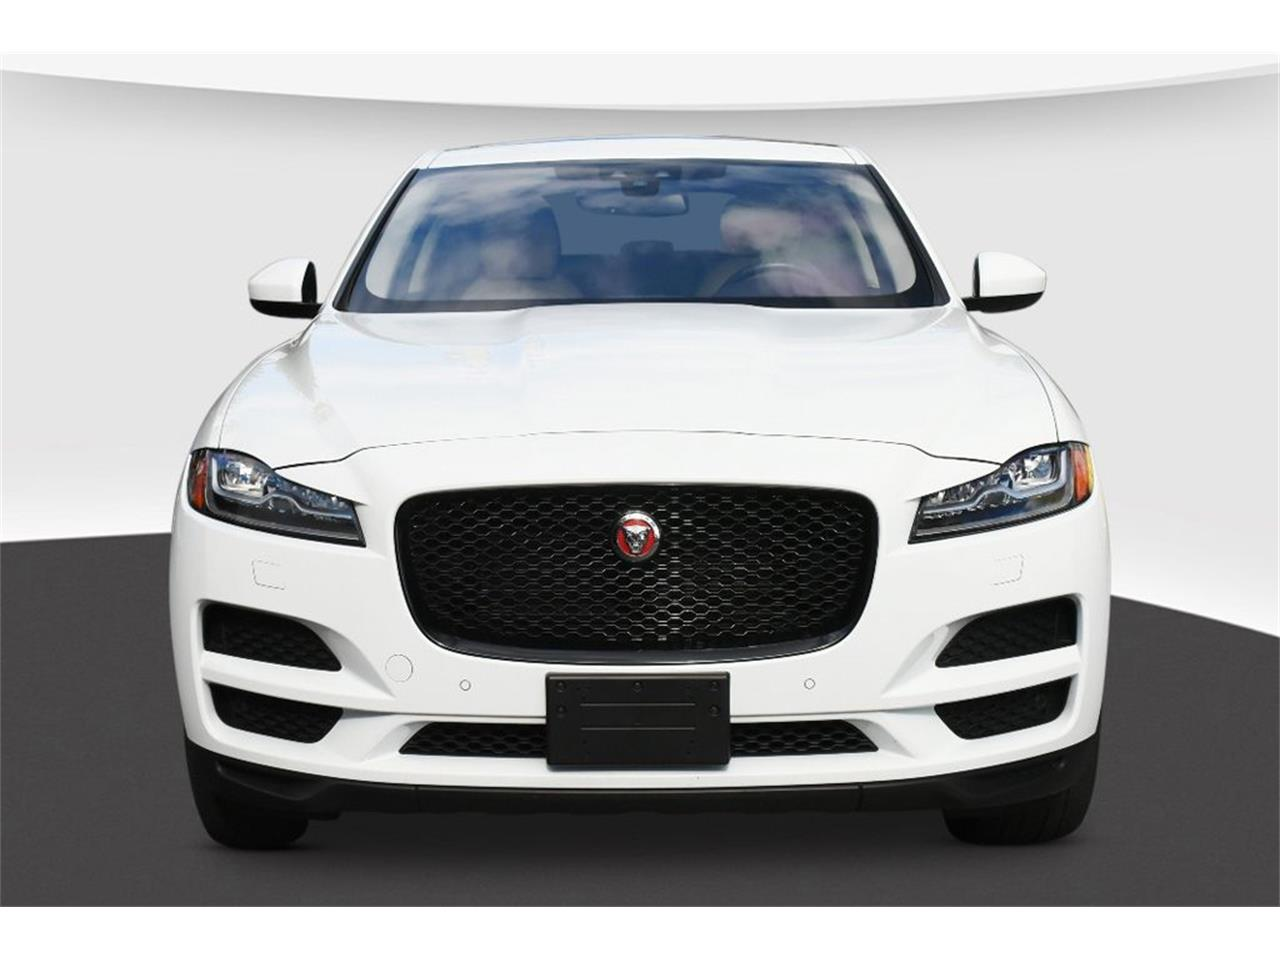 2017 Jaguar F-PACE (CC-1388997) for sale in Boca Raton, Florida